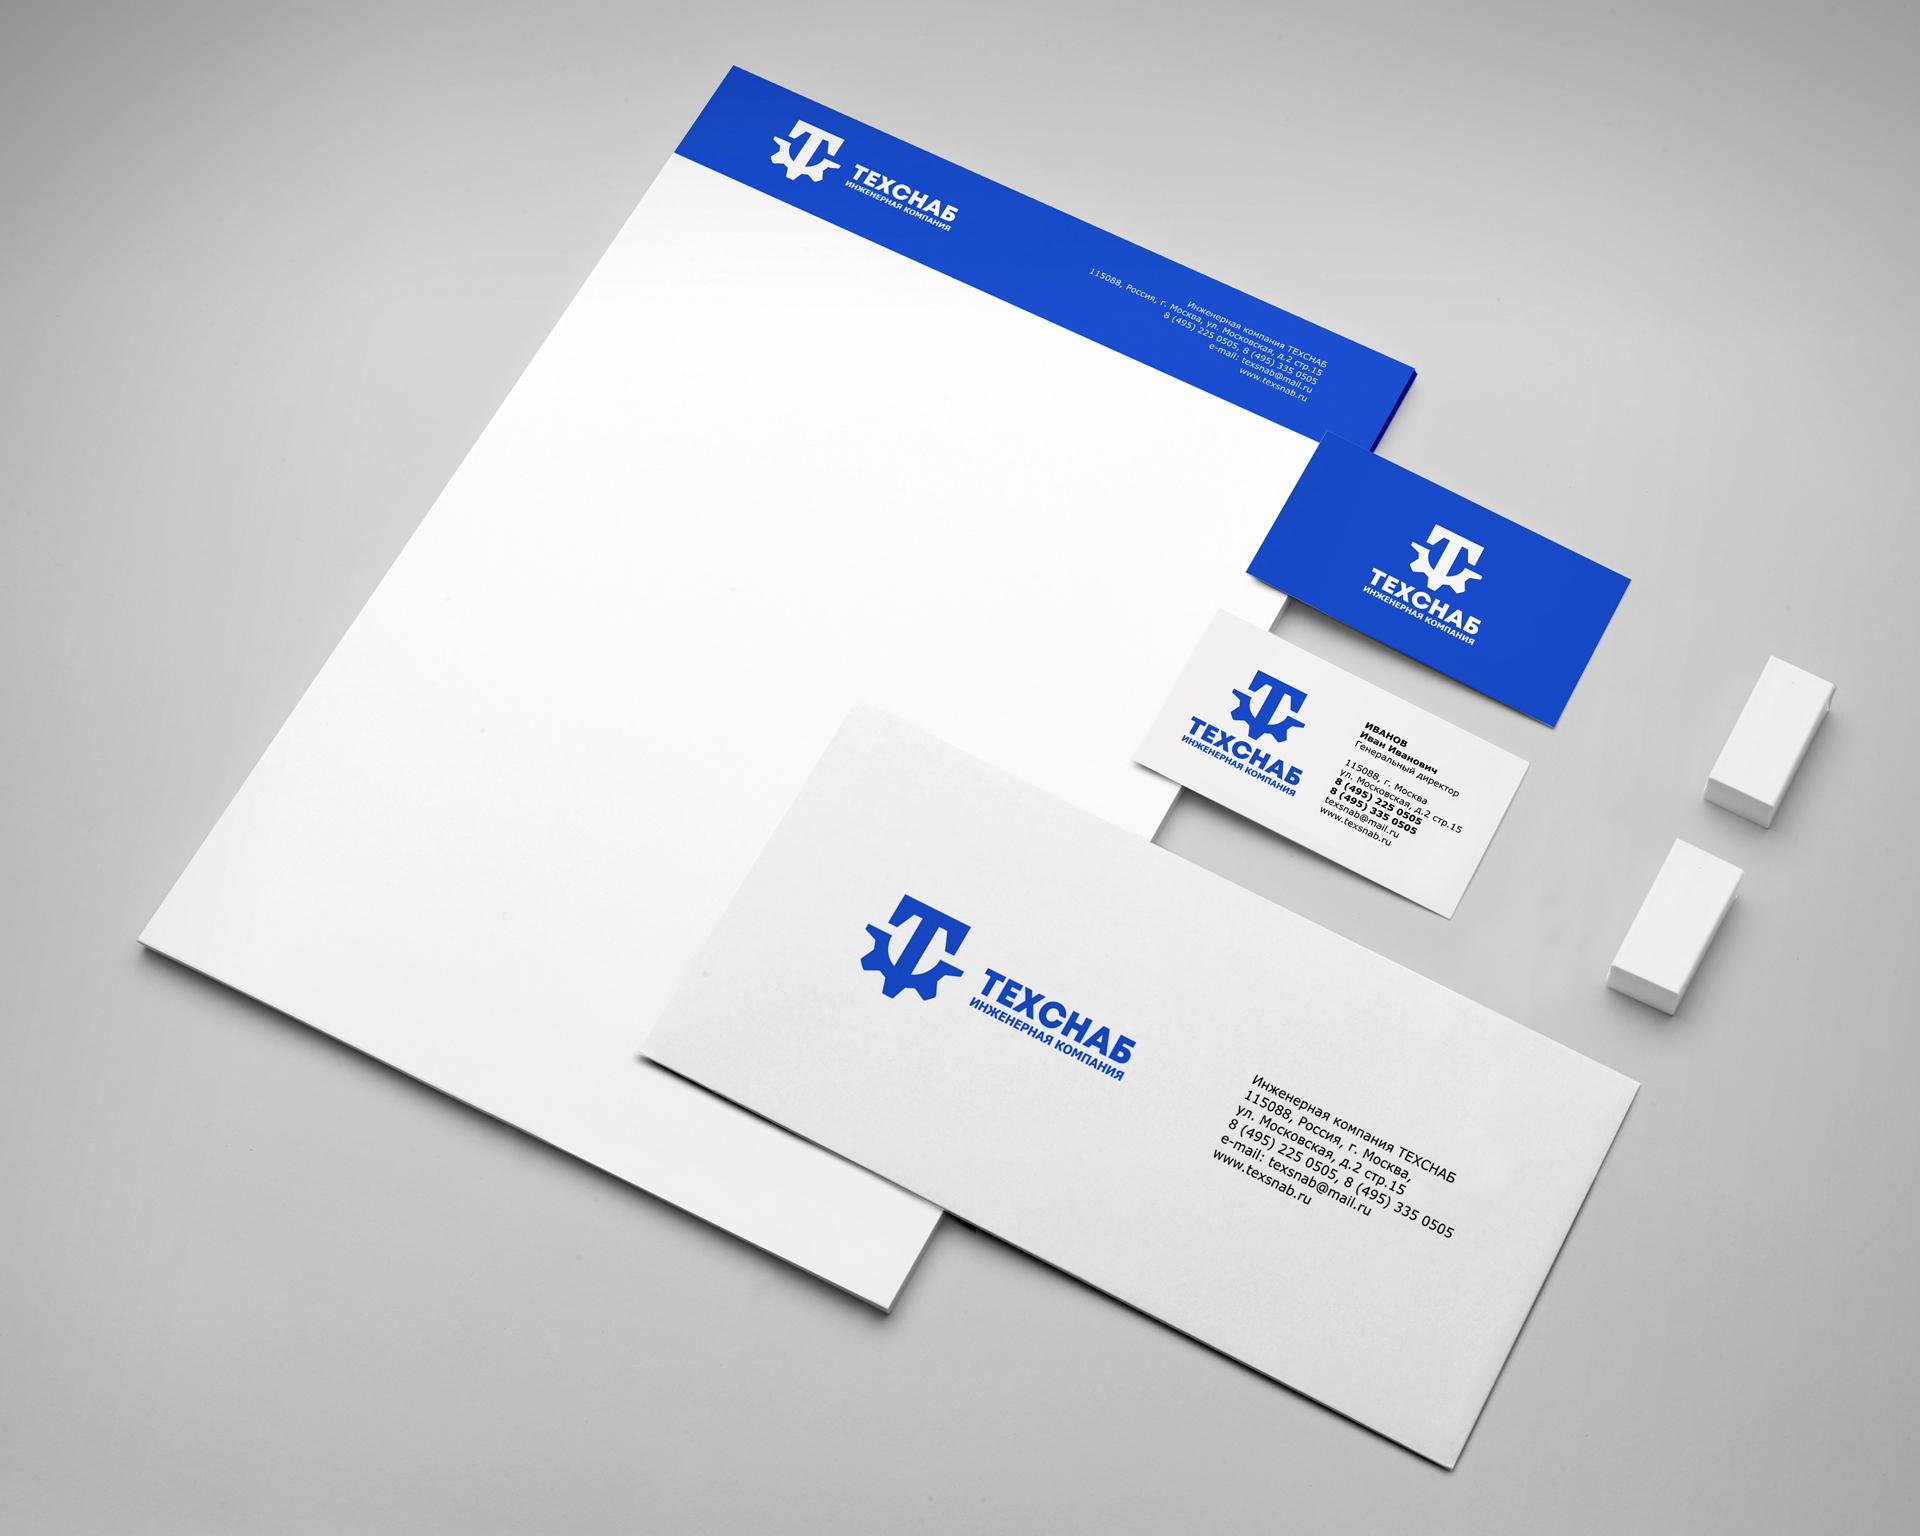 Разработка логотипа и фирм. стиля компании  ТЕХСНАБ фото f_9645b22c3bd7737b.jpg